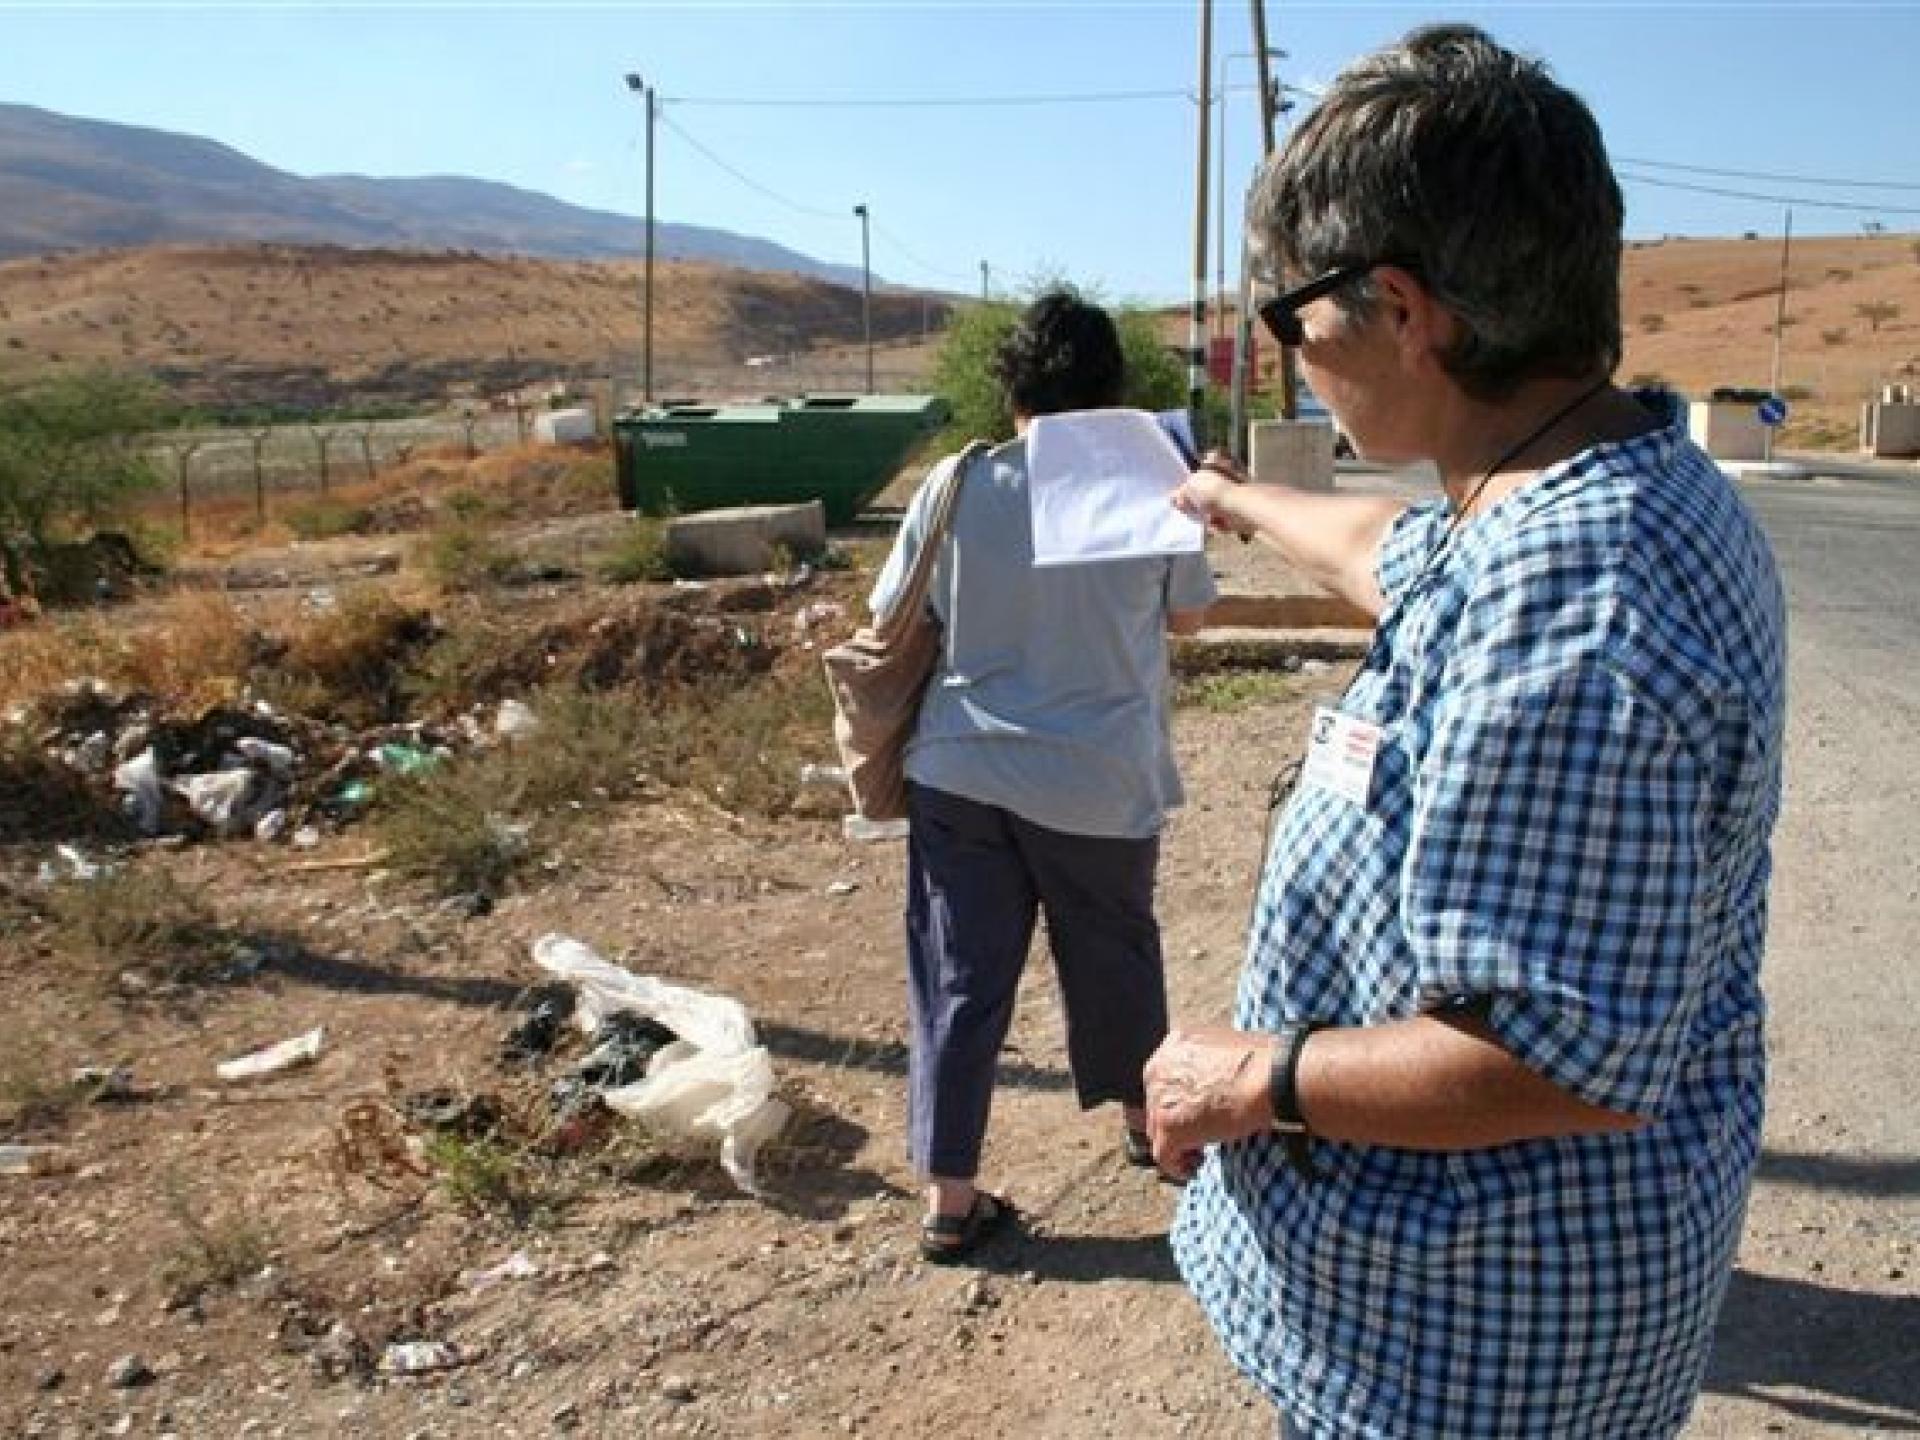 Hamra/Beqaot checkpoint 12.10.10